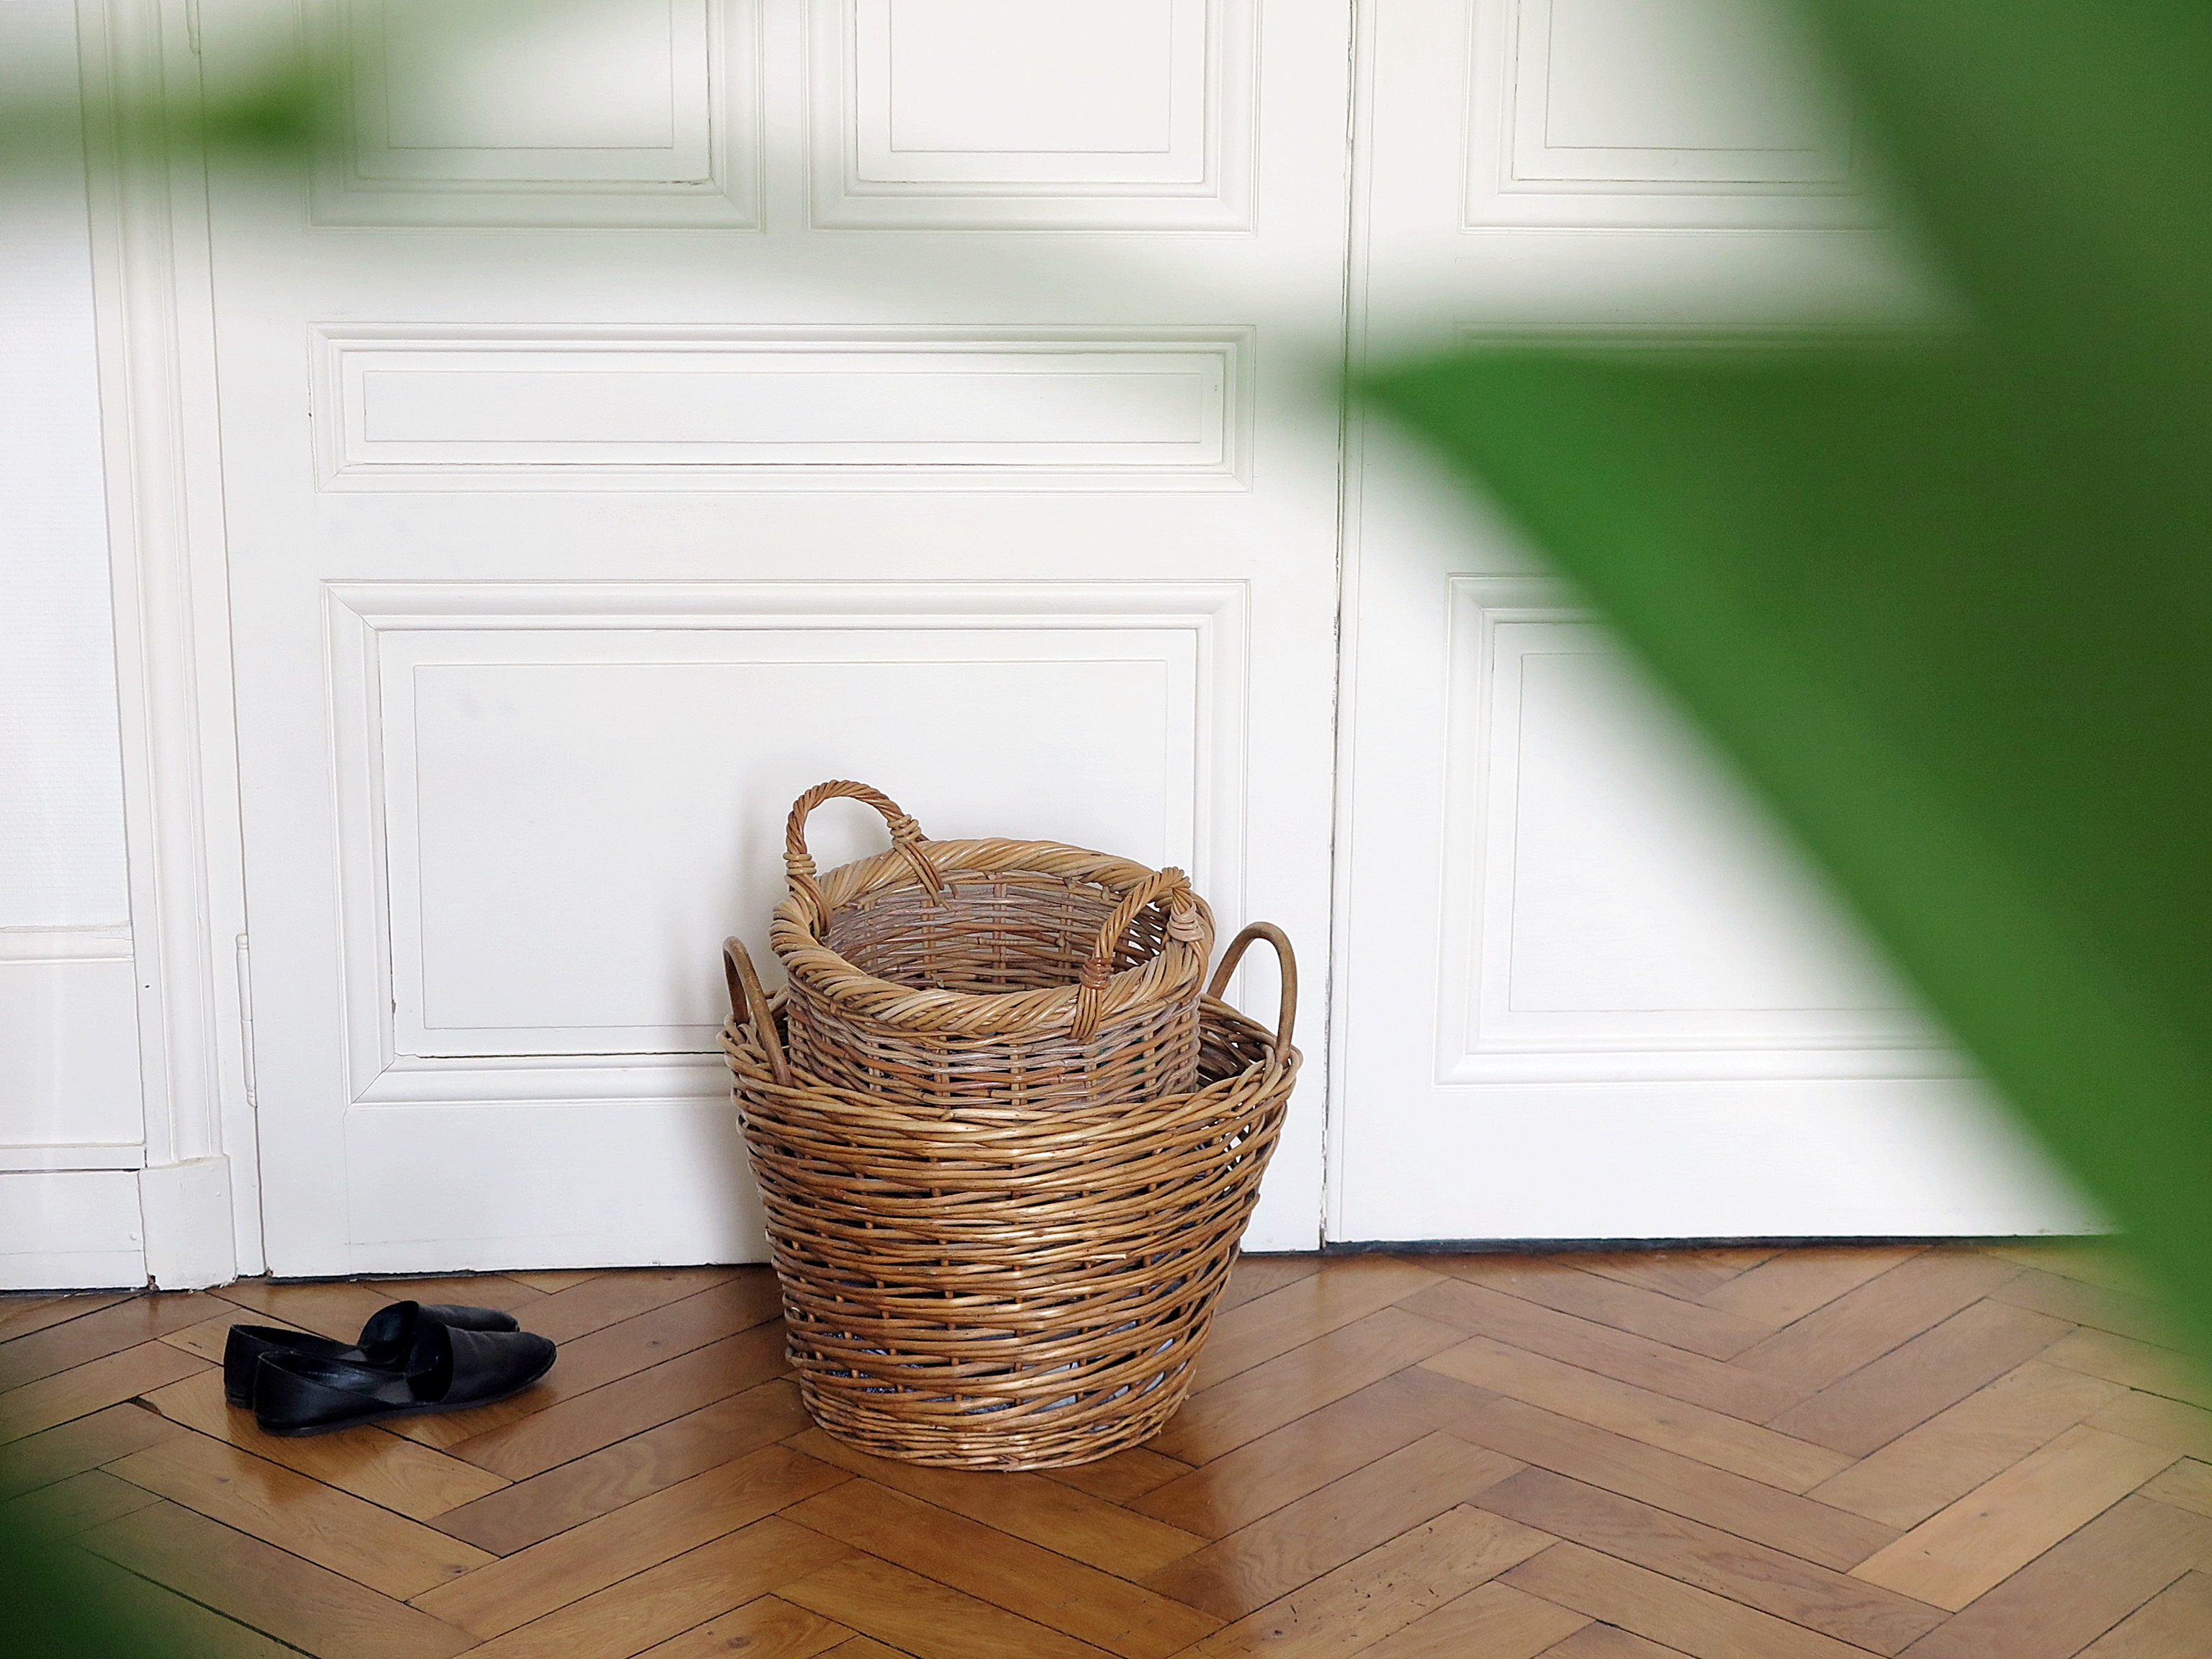 minimalisme pendant confinement